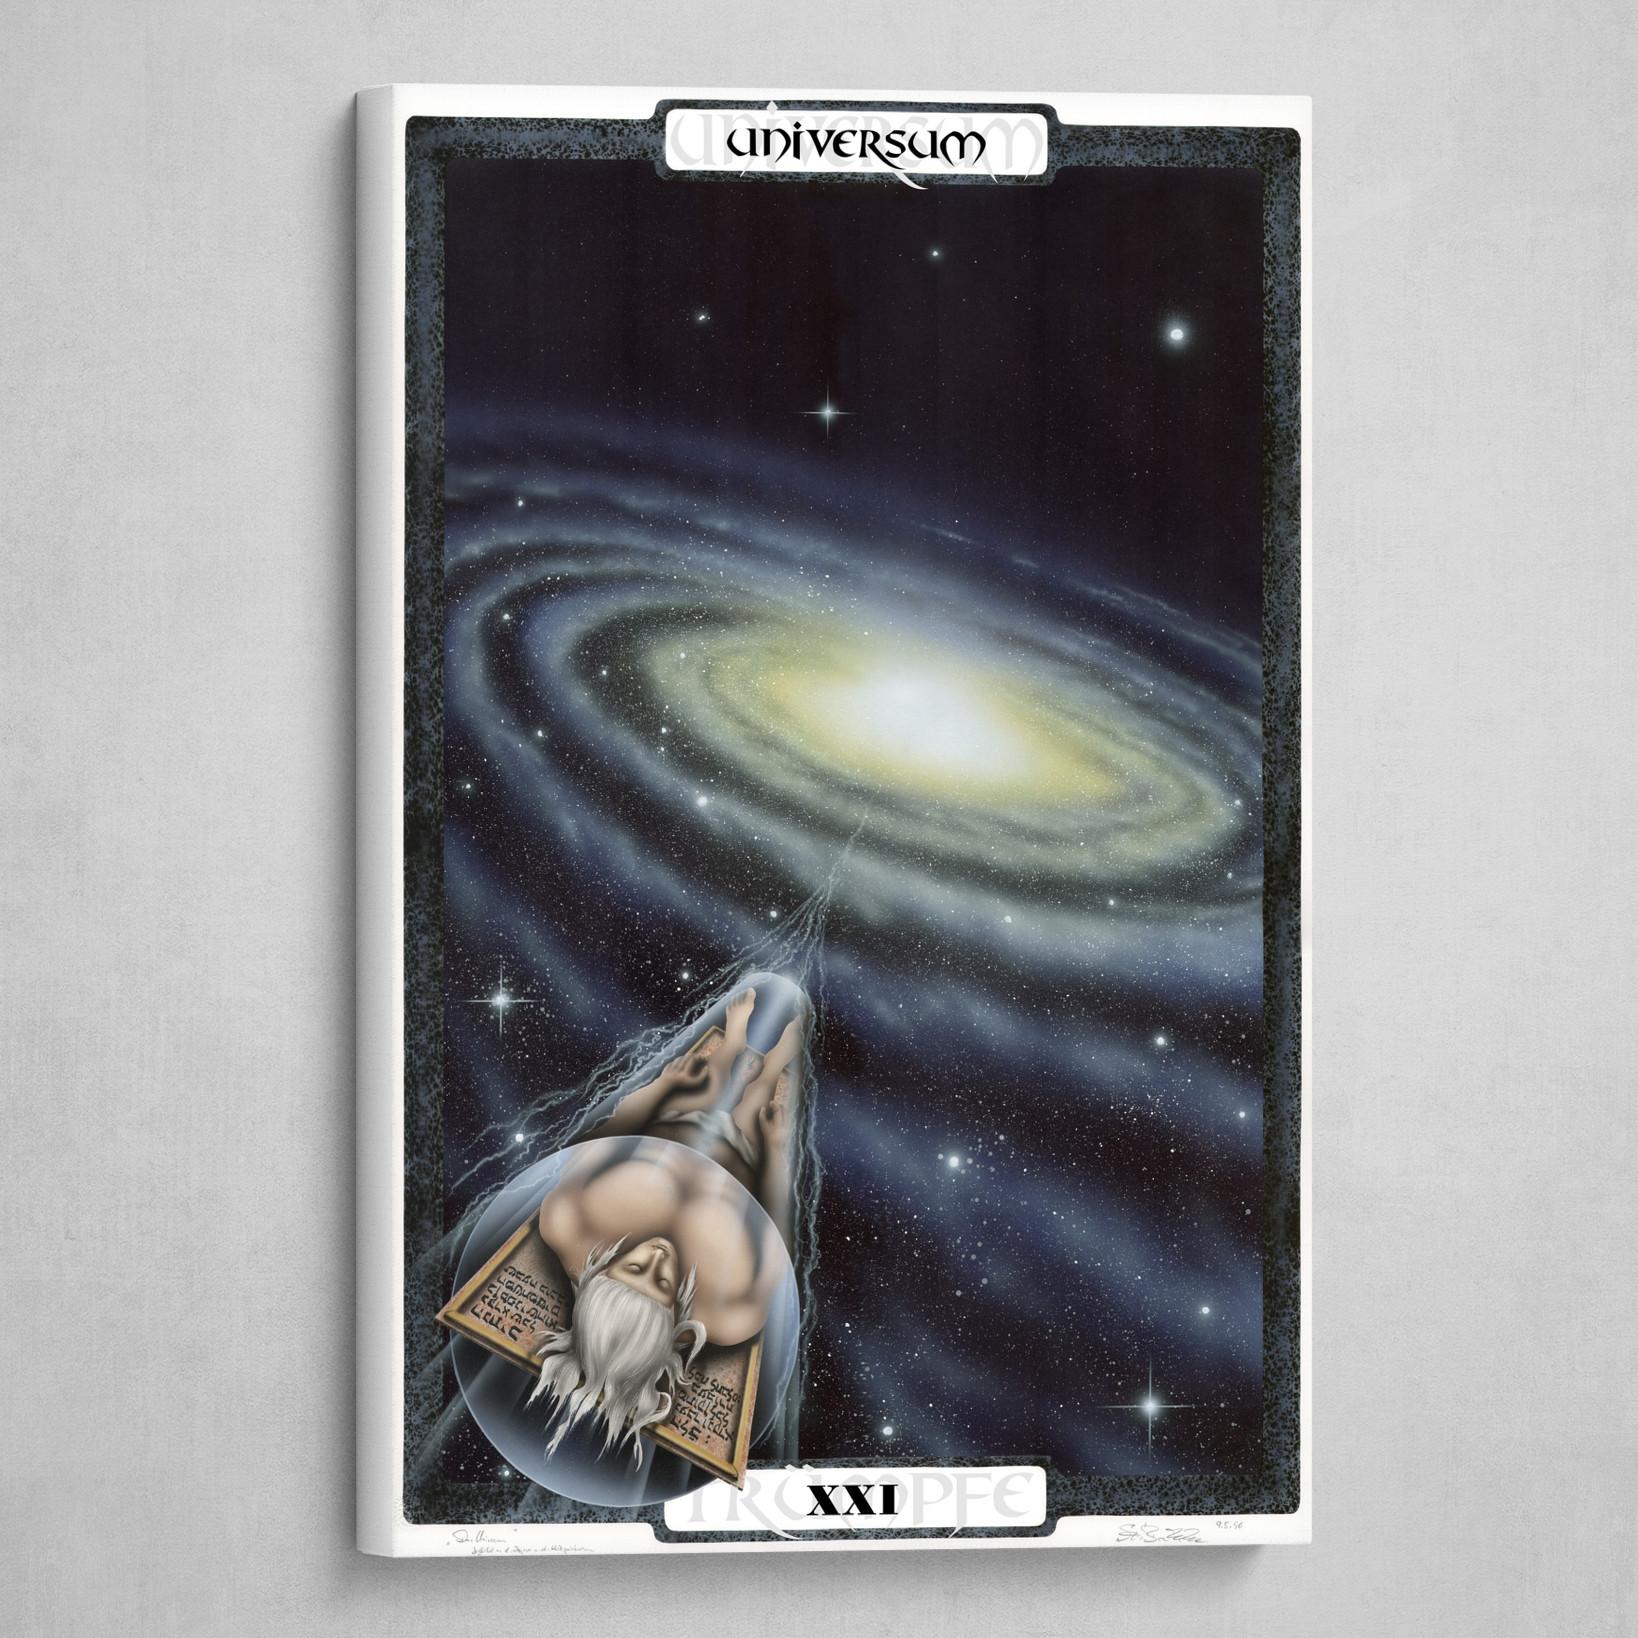 Das Universum - The Universe